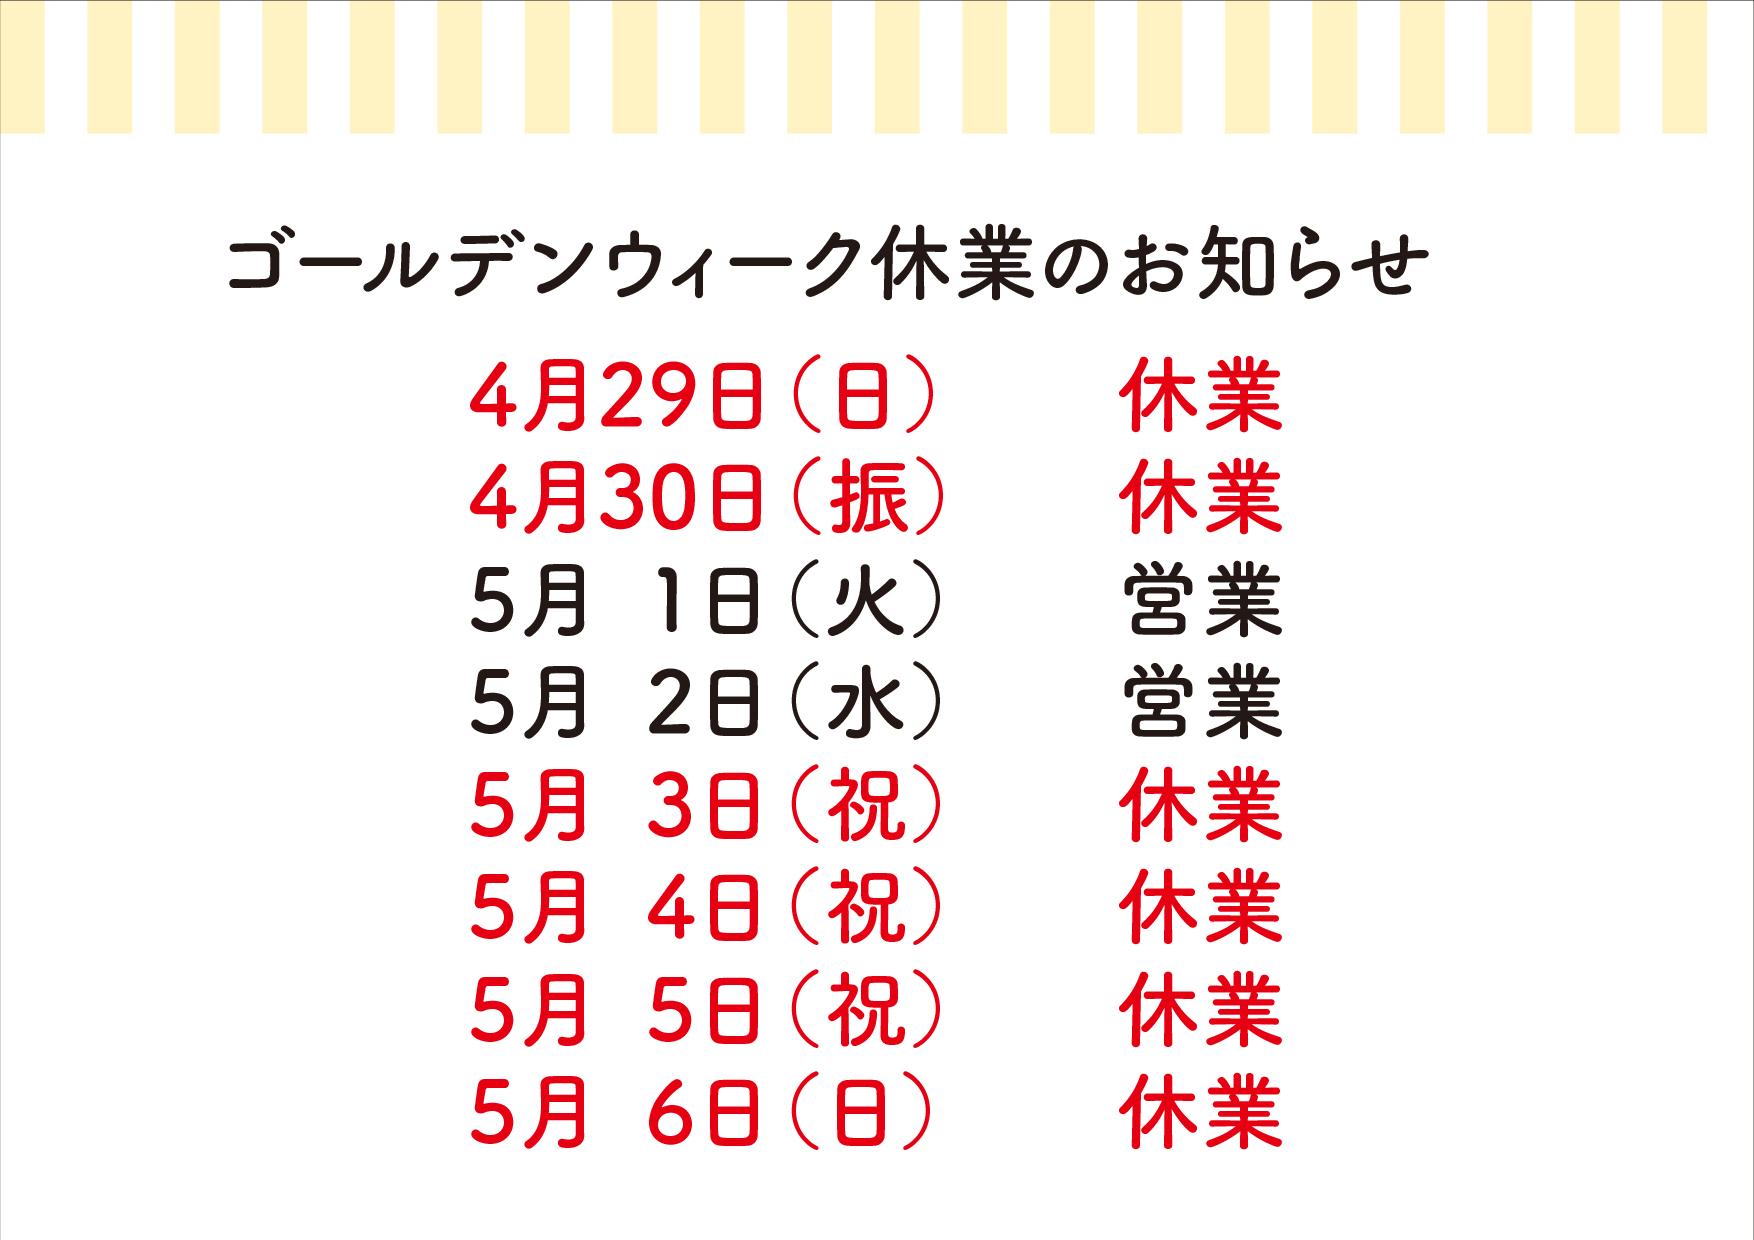 アップロードファイル 153-1.jpg